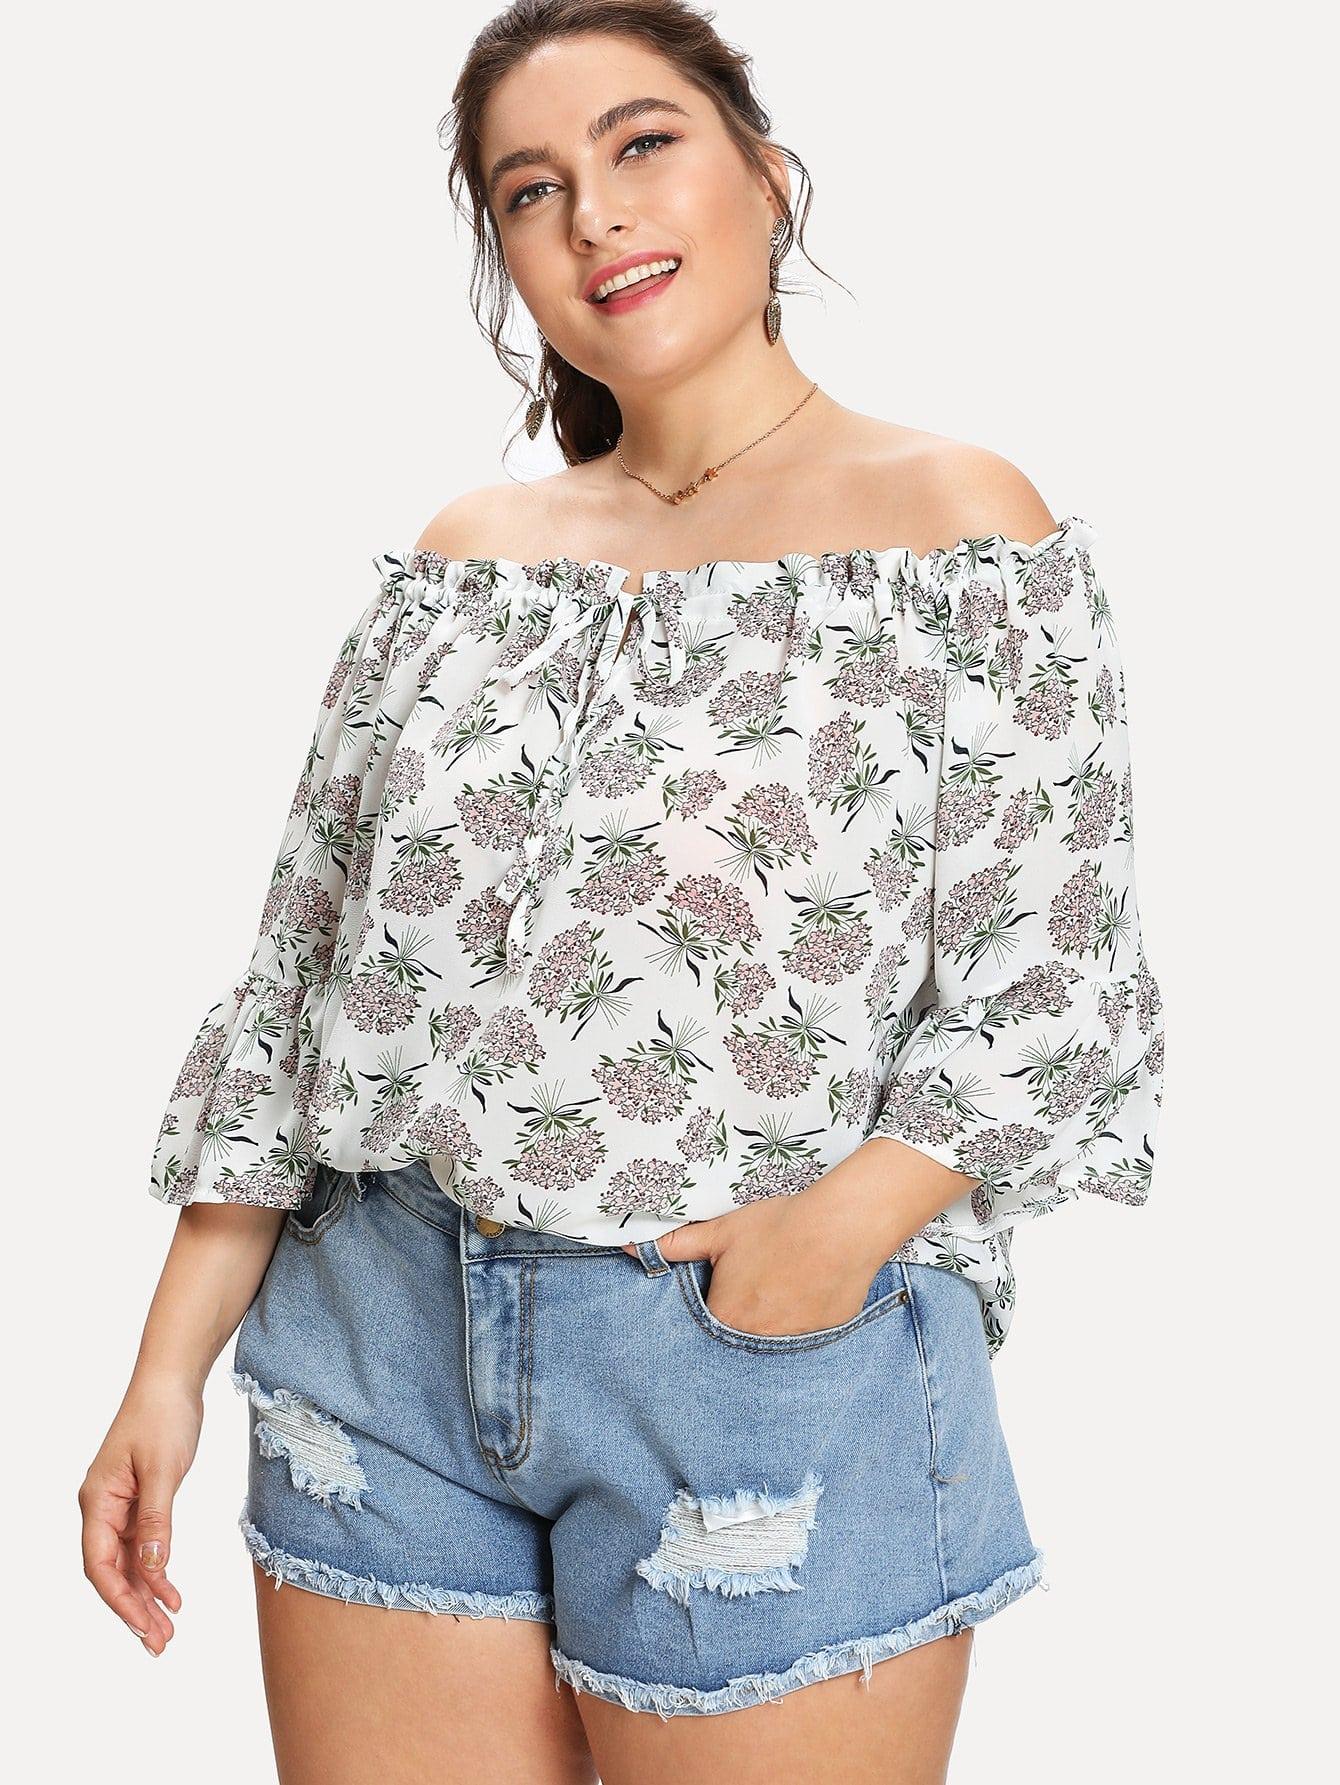 Off Shoulder Floral Print Blouse one shoulder floral print blouse